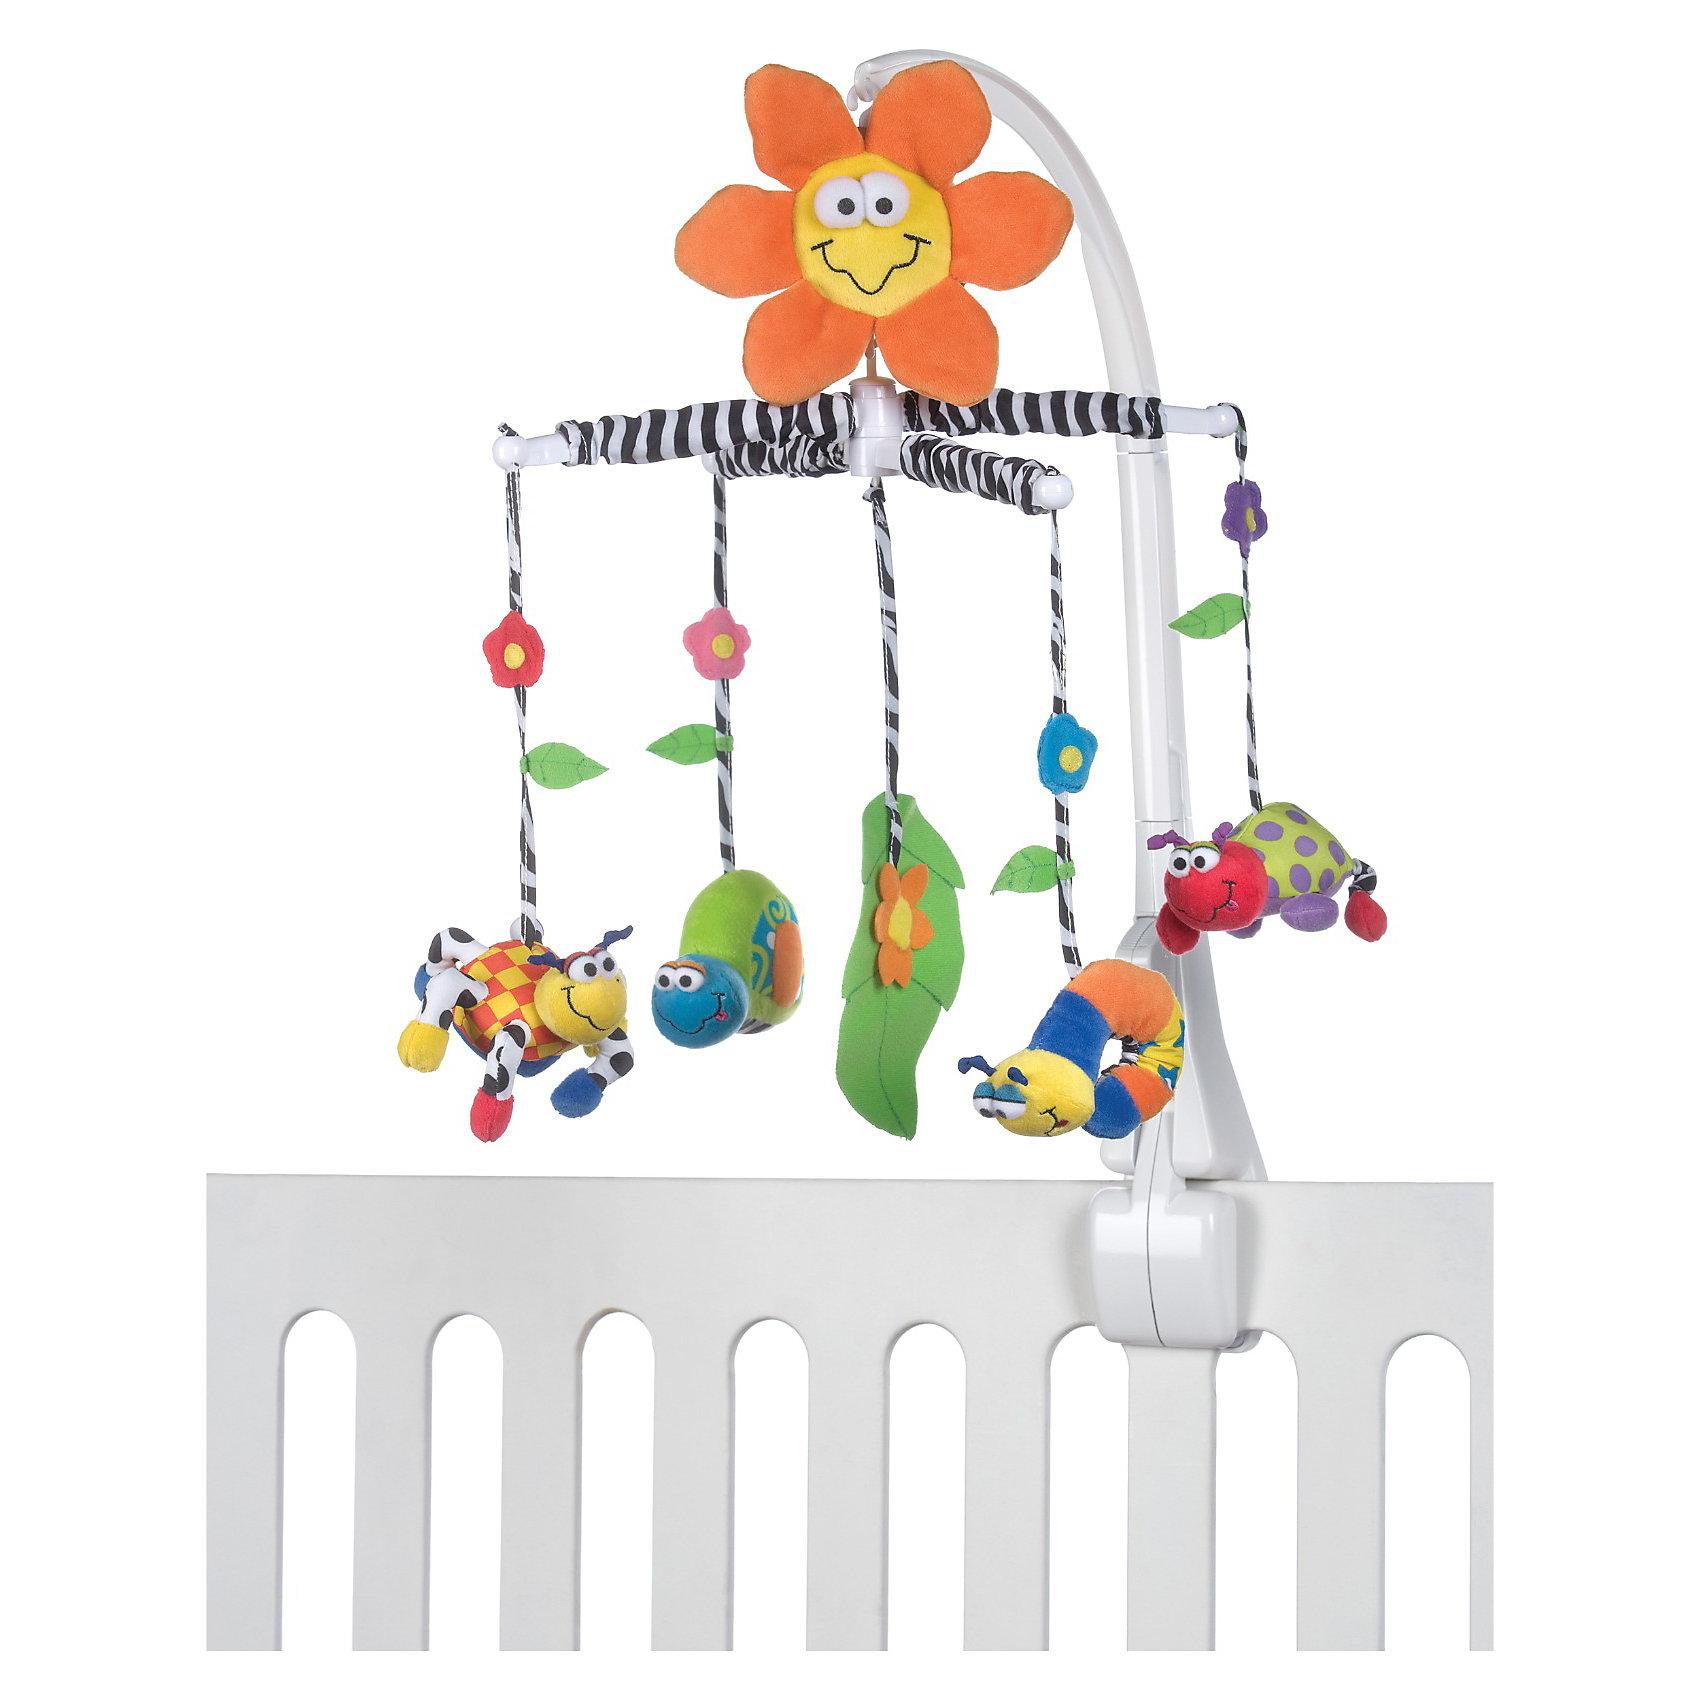 Музыкальная карусель Удивительный сад Playgro